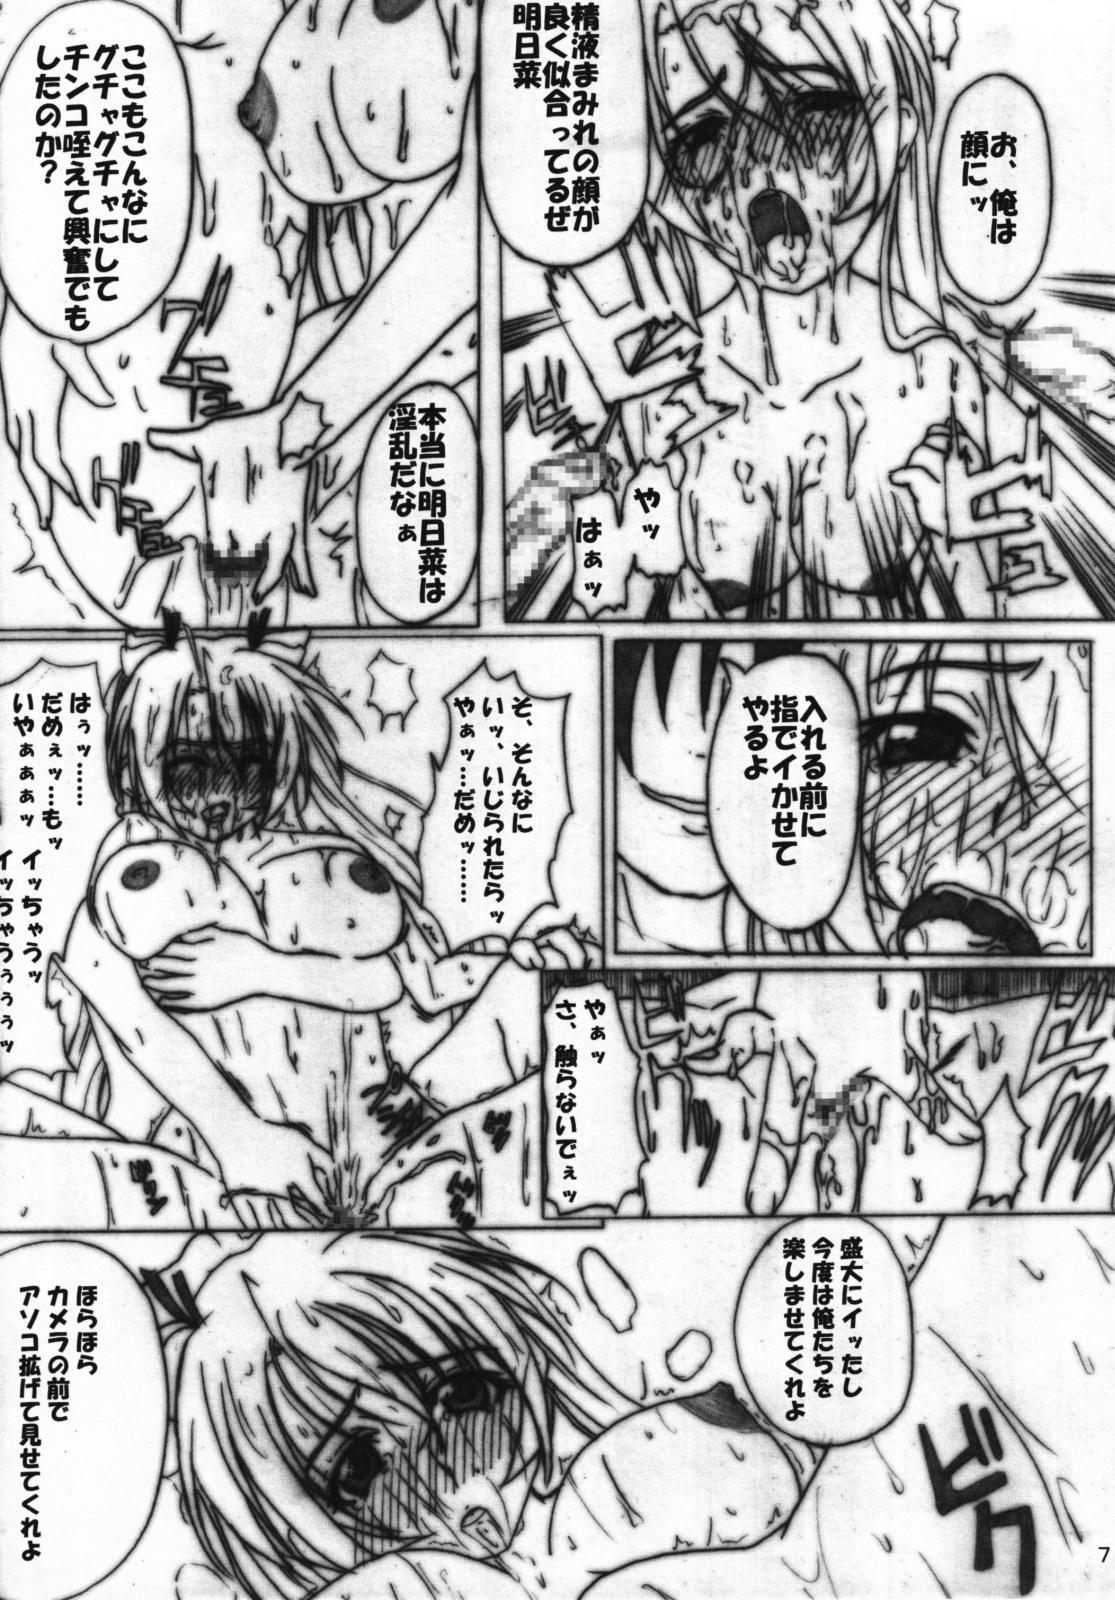 Ryoujoku Gakuen Negima! Poimono Vol.06 5